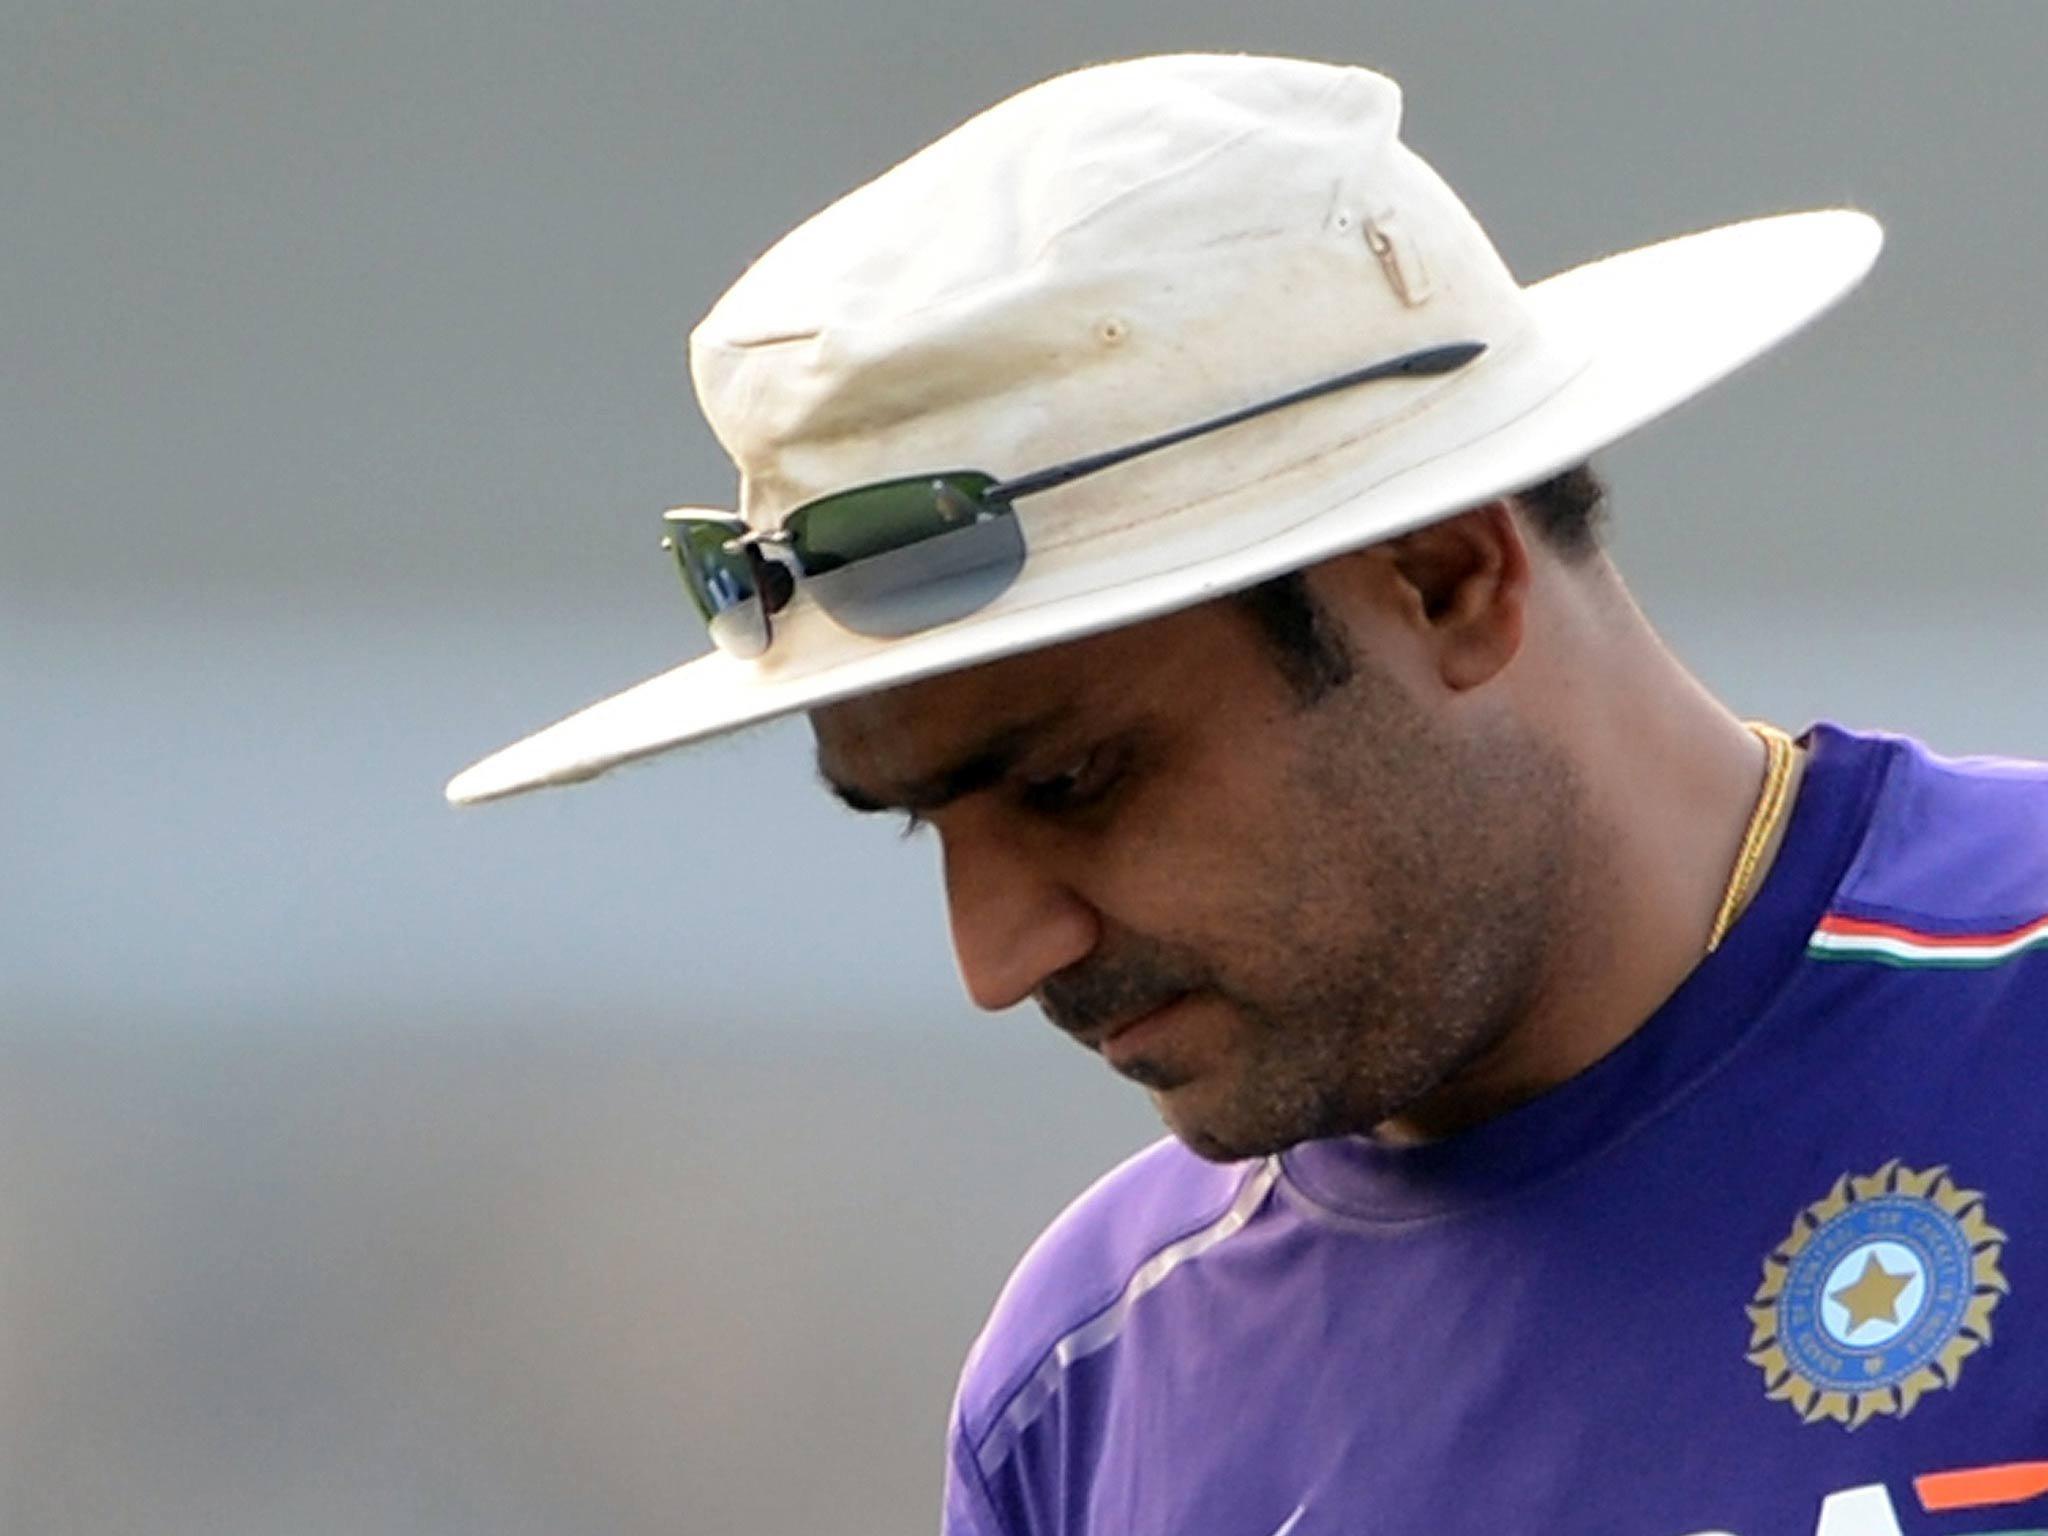 भारतीय टीम का कोच न बनाये जाने के बाद भारत छोड़ ये कहाँ पहुंच गये वीरेंद्र सहवाग